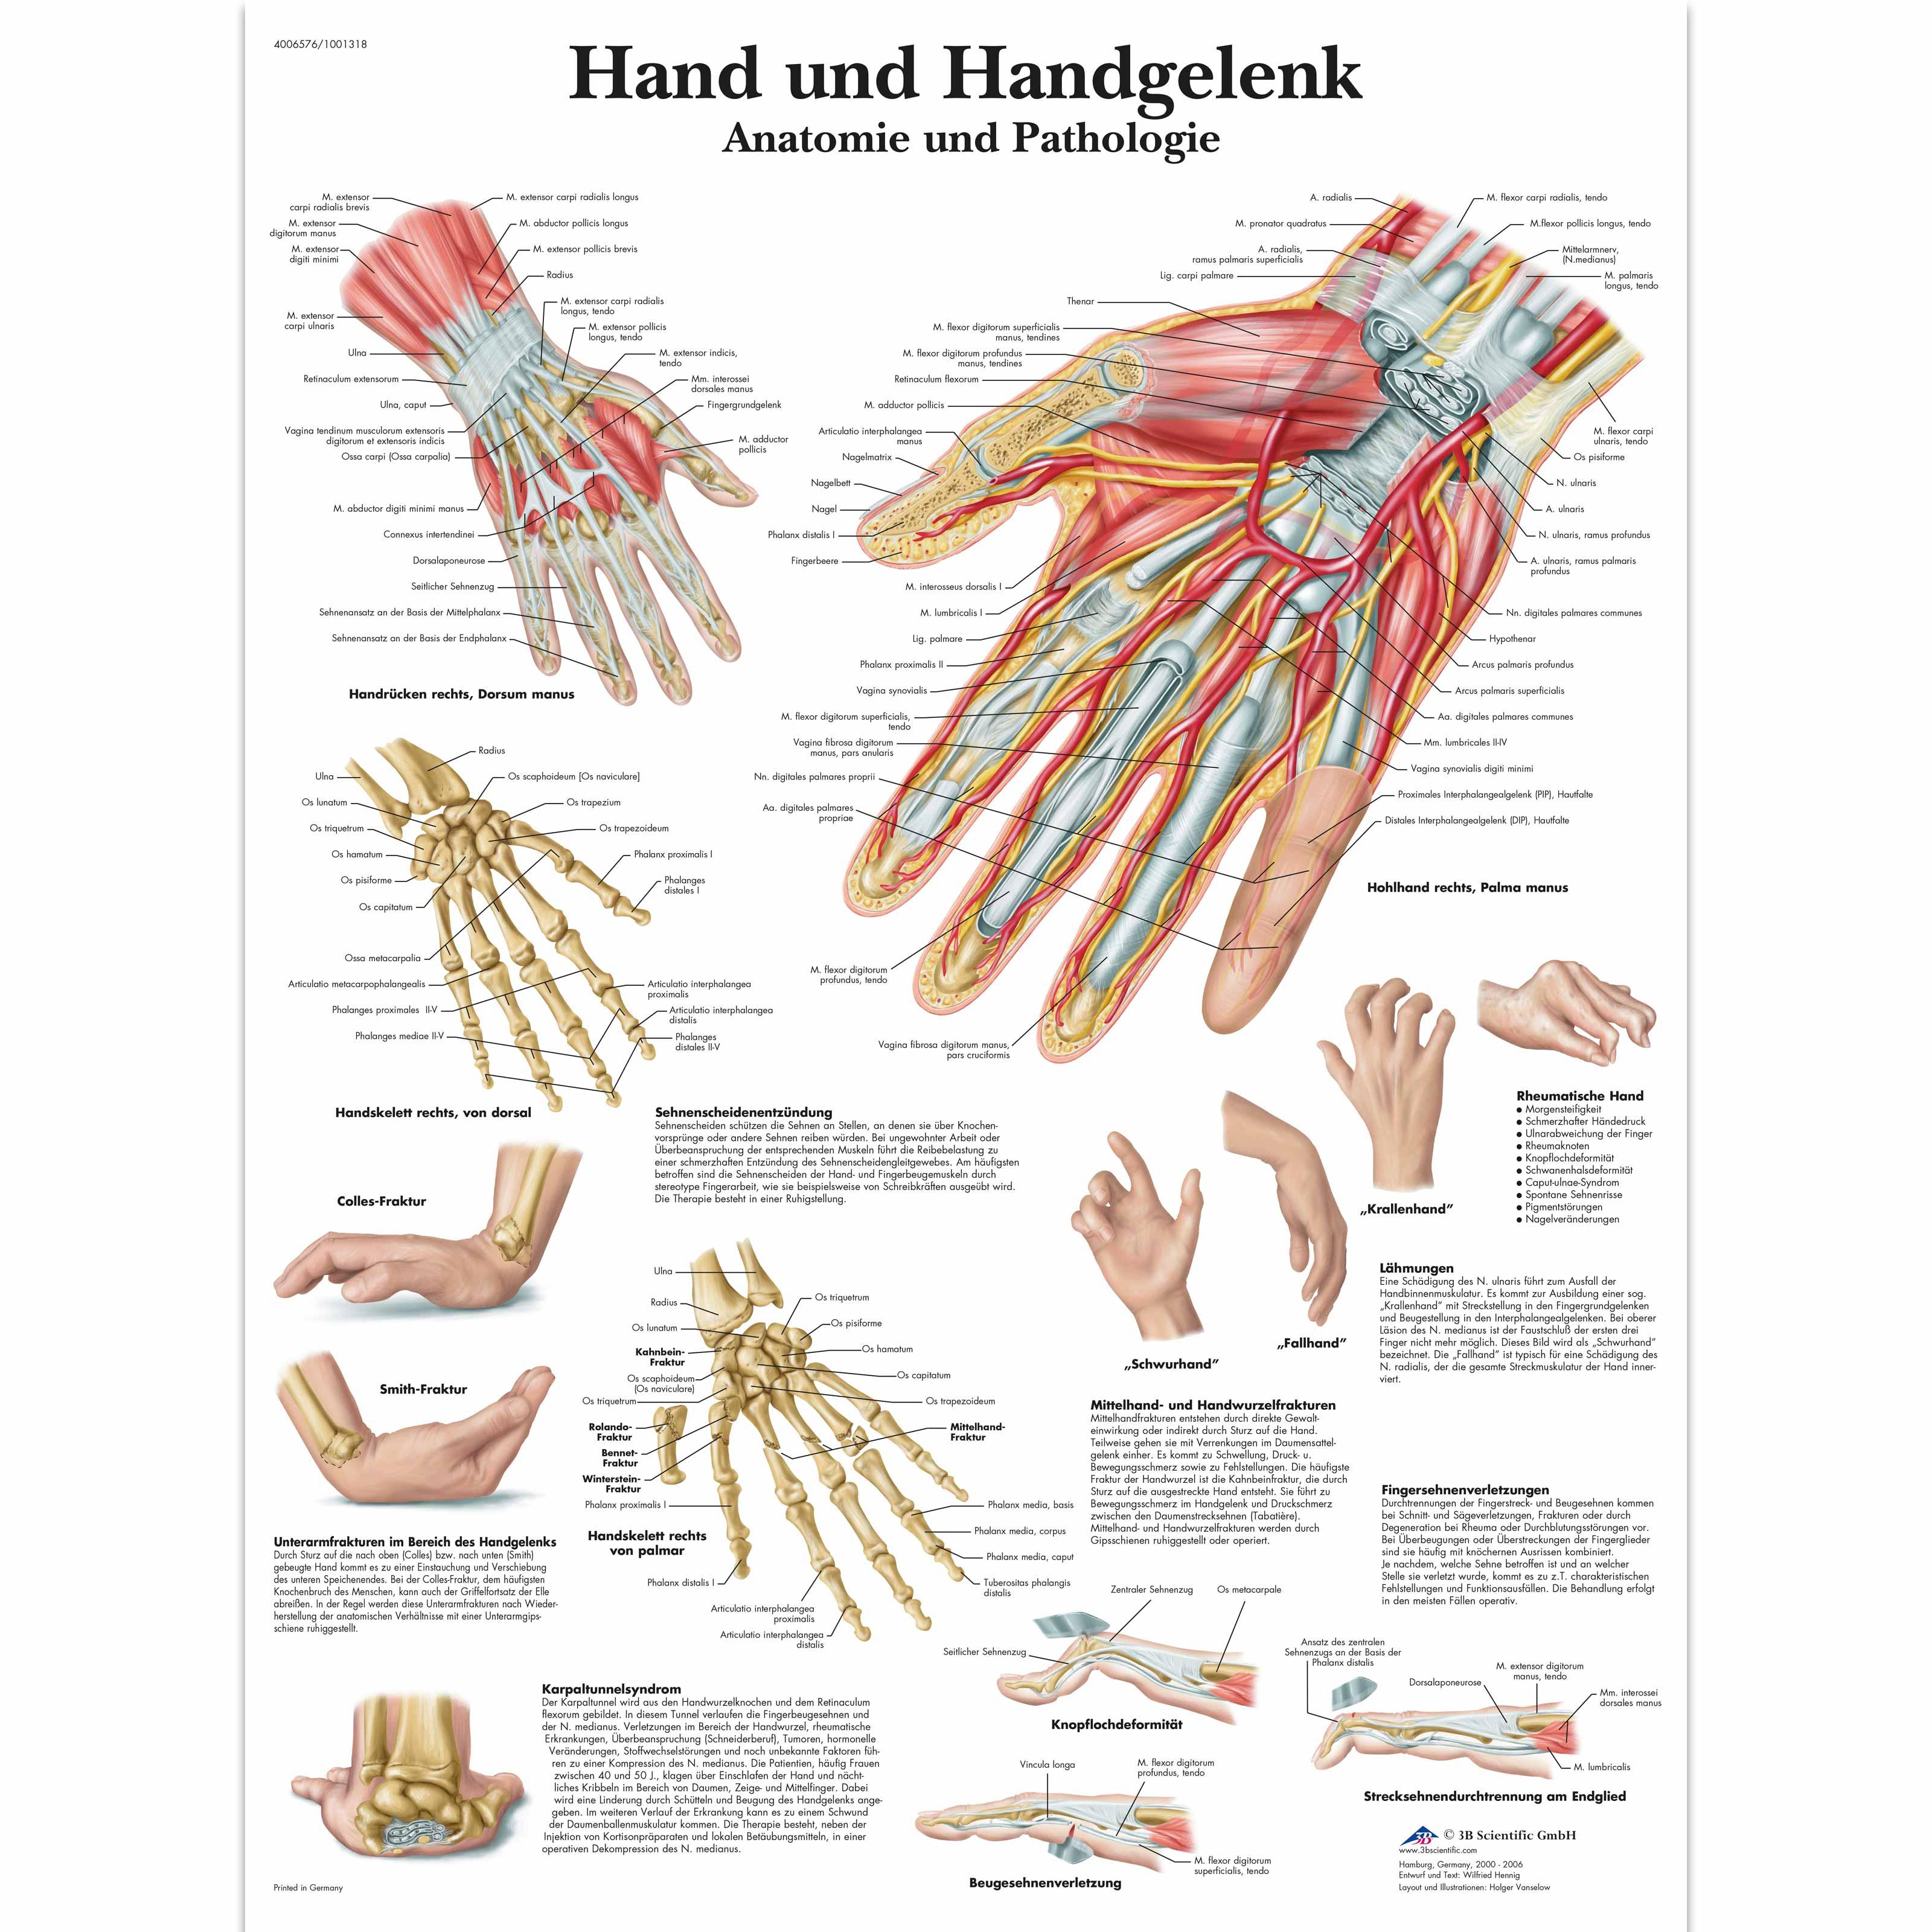 Hand und Handgelenk - Anatomie und Pathologie - 4006576 - VR0171UU ...